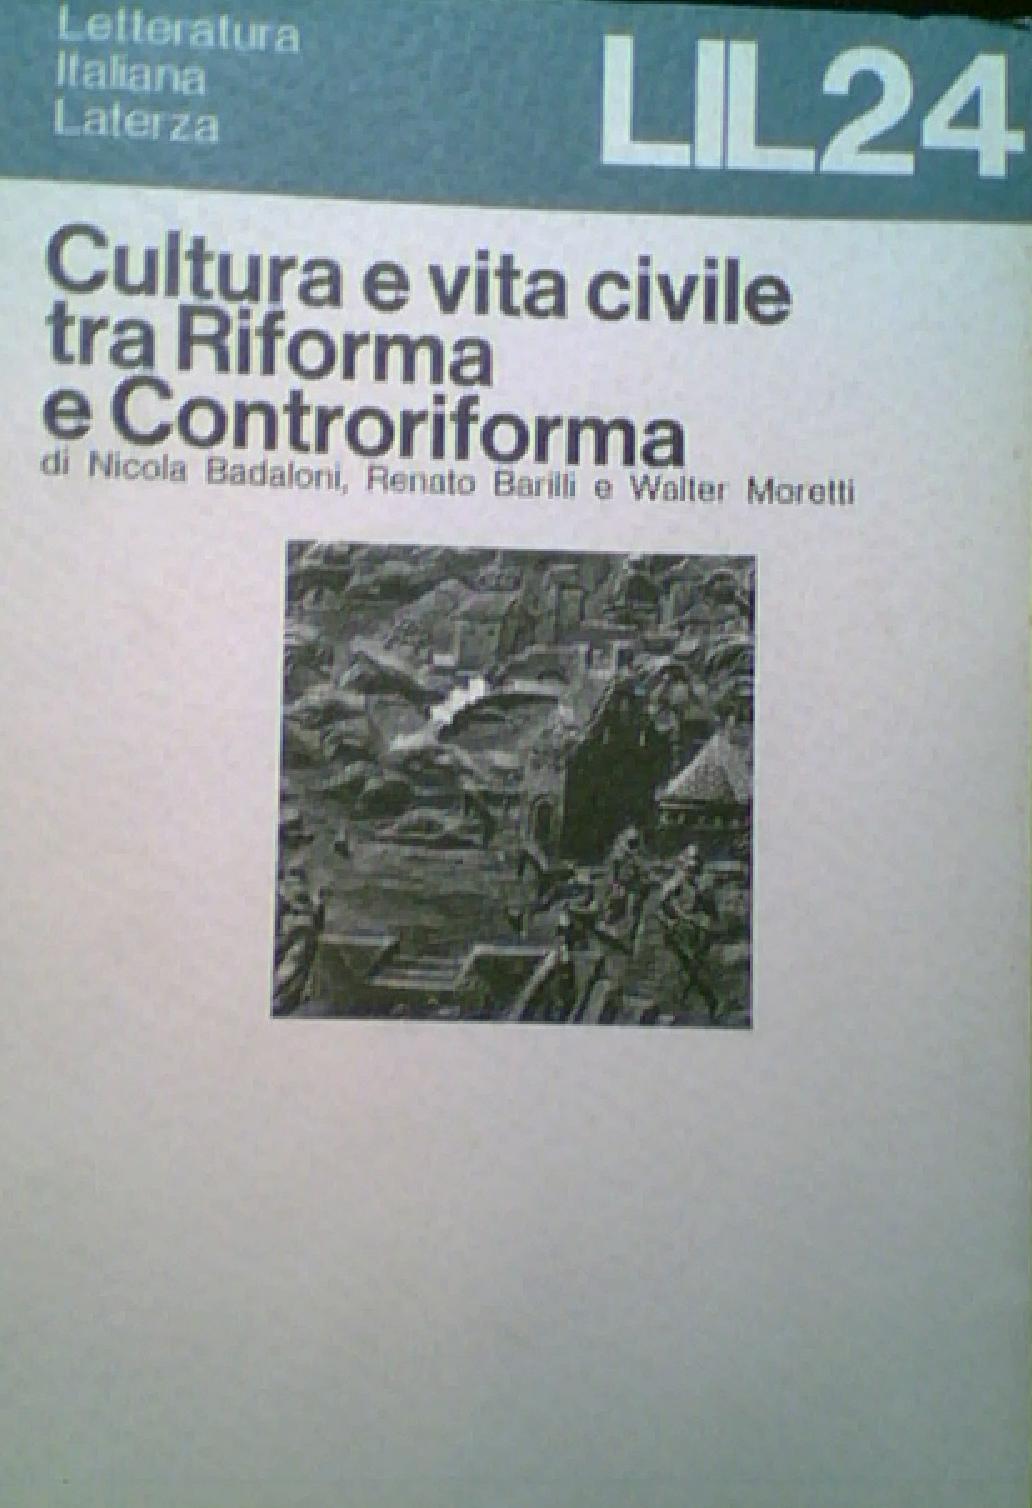 Cultura e vita civil...